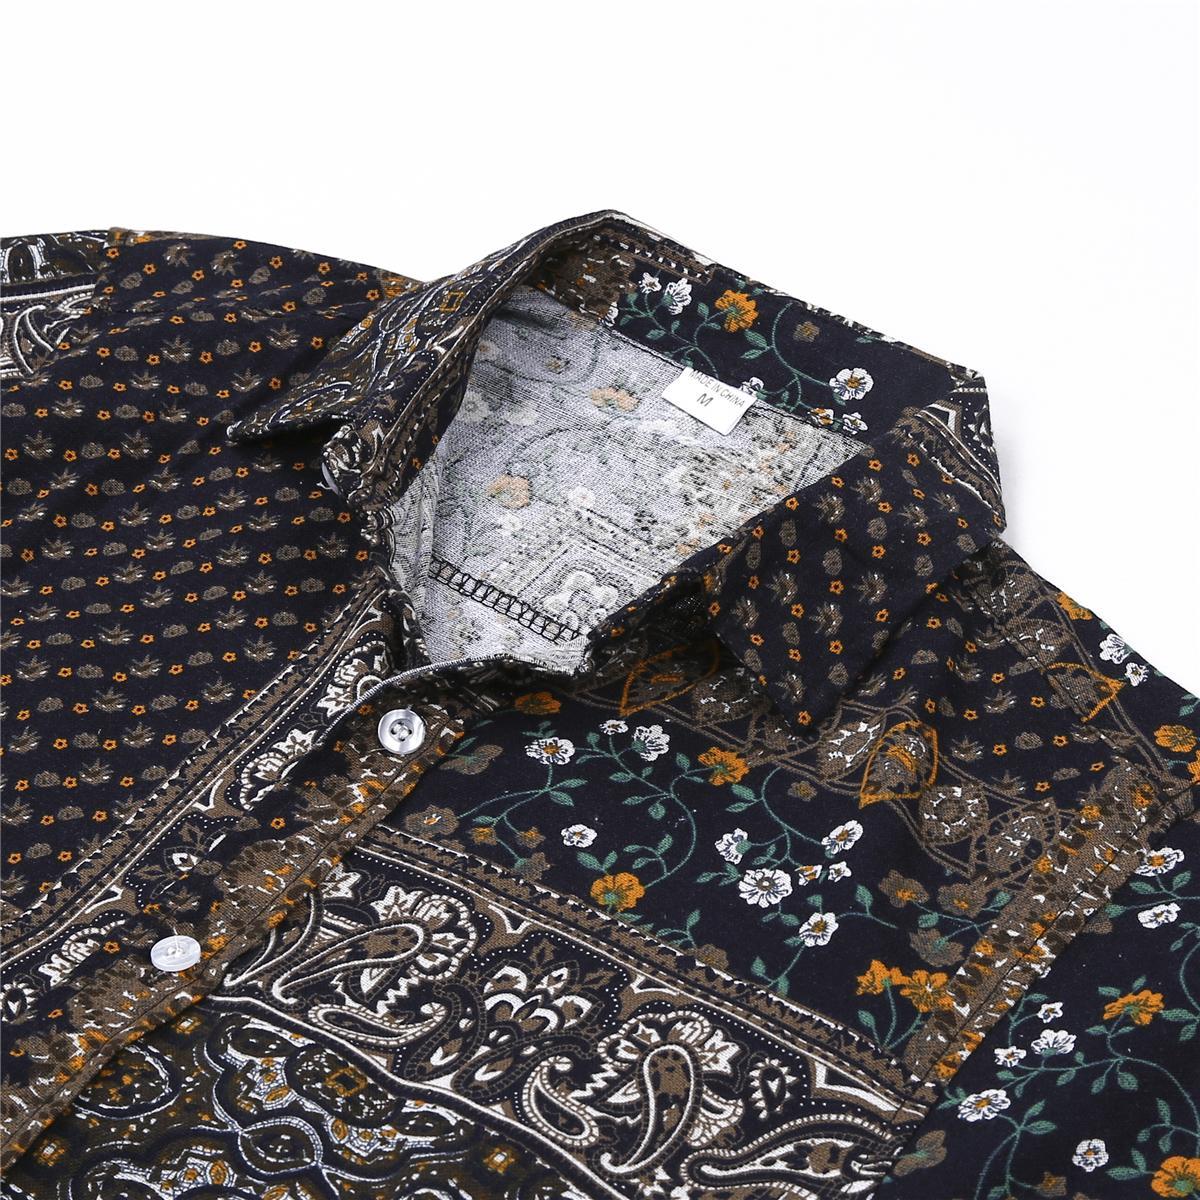 Мода Мужские льняные рубашки Гавайи Тропики лето с коротким рукавом Одежда Повседневная Сыпучие кнопки вниз рубашки плюс размер M-5XL